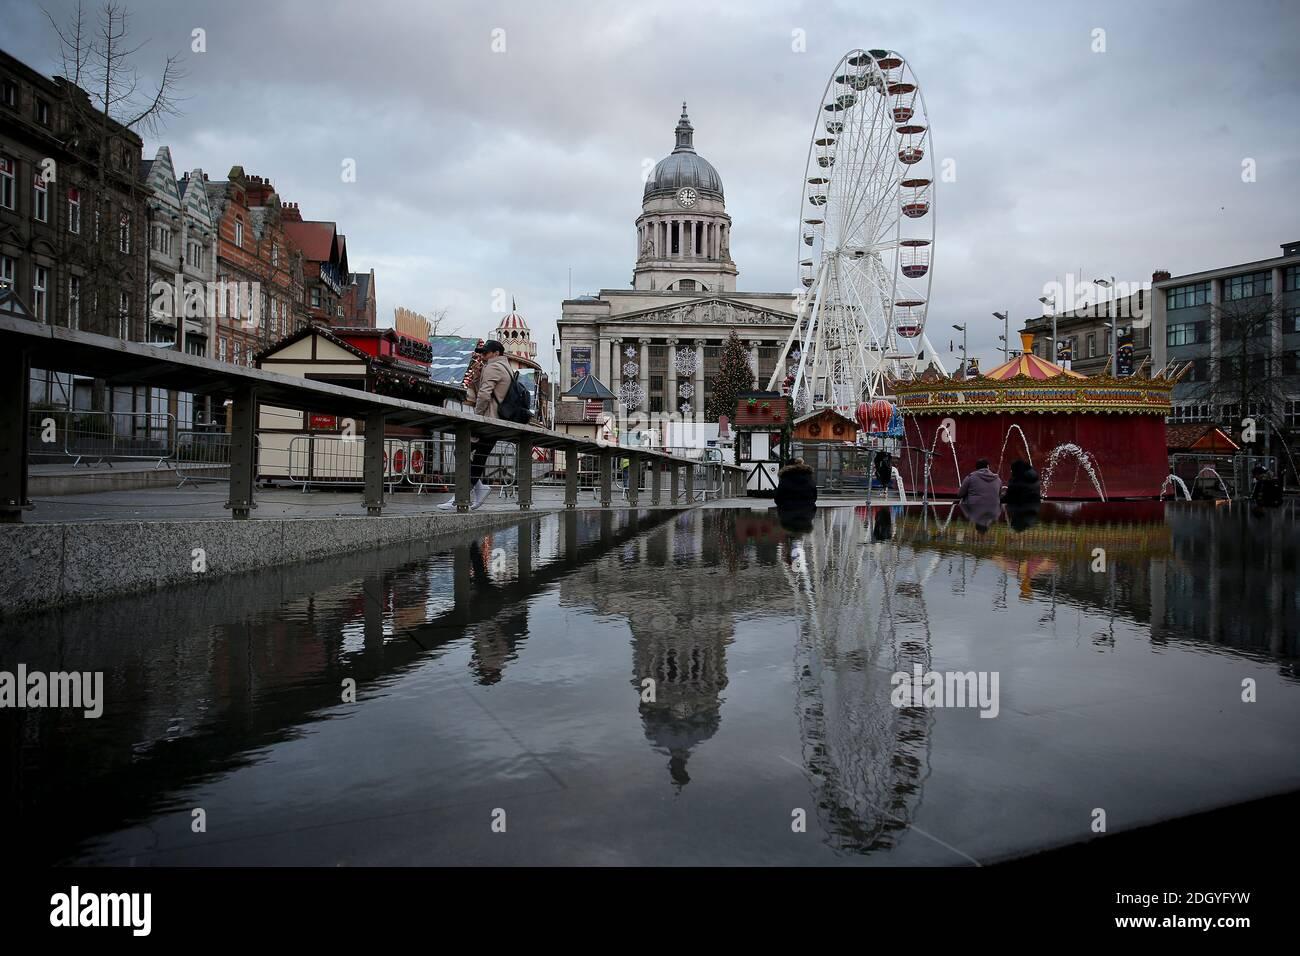 Una vista del mercato di Natale e delle attrazioni in Old Market Square, Nottingham, Mercoledì 2 dicembre 2020. Foto Stock